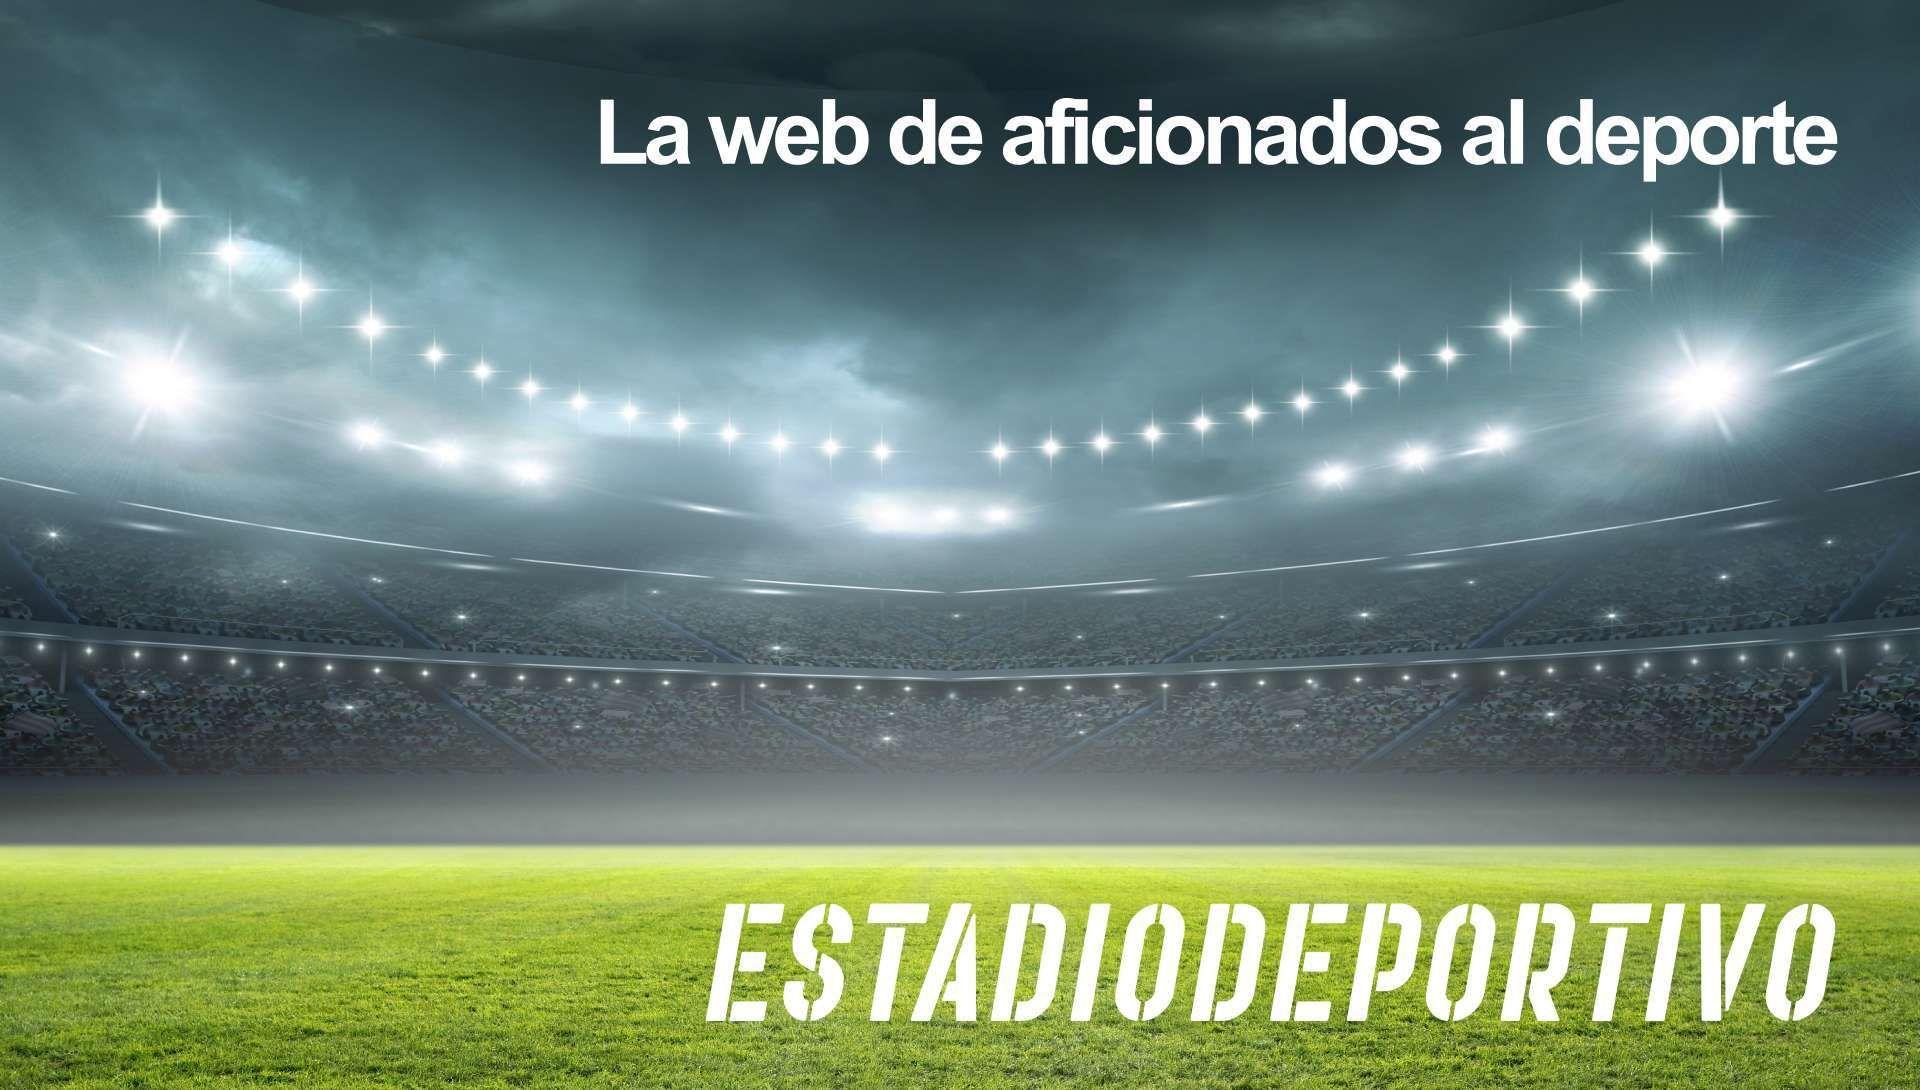 Las portadas del miércoles 14 de julio